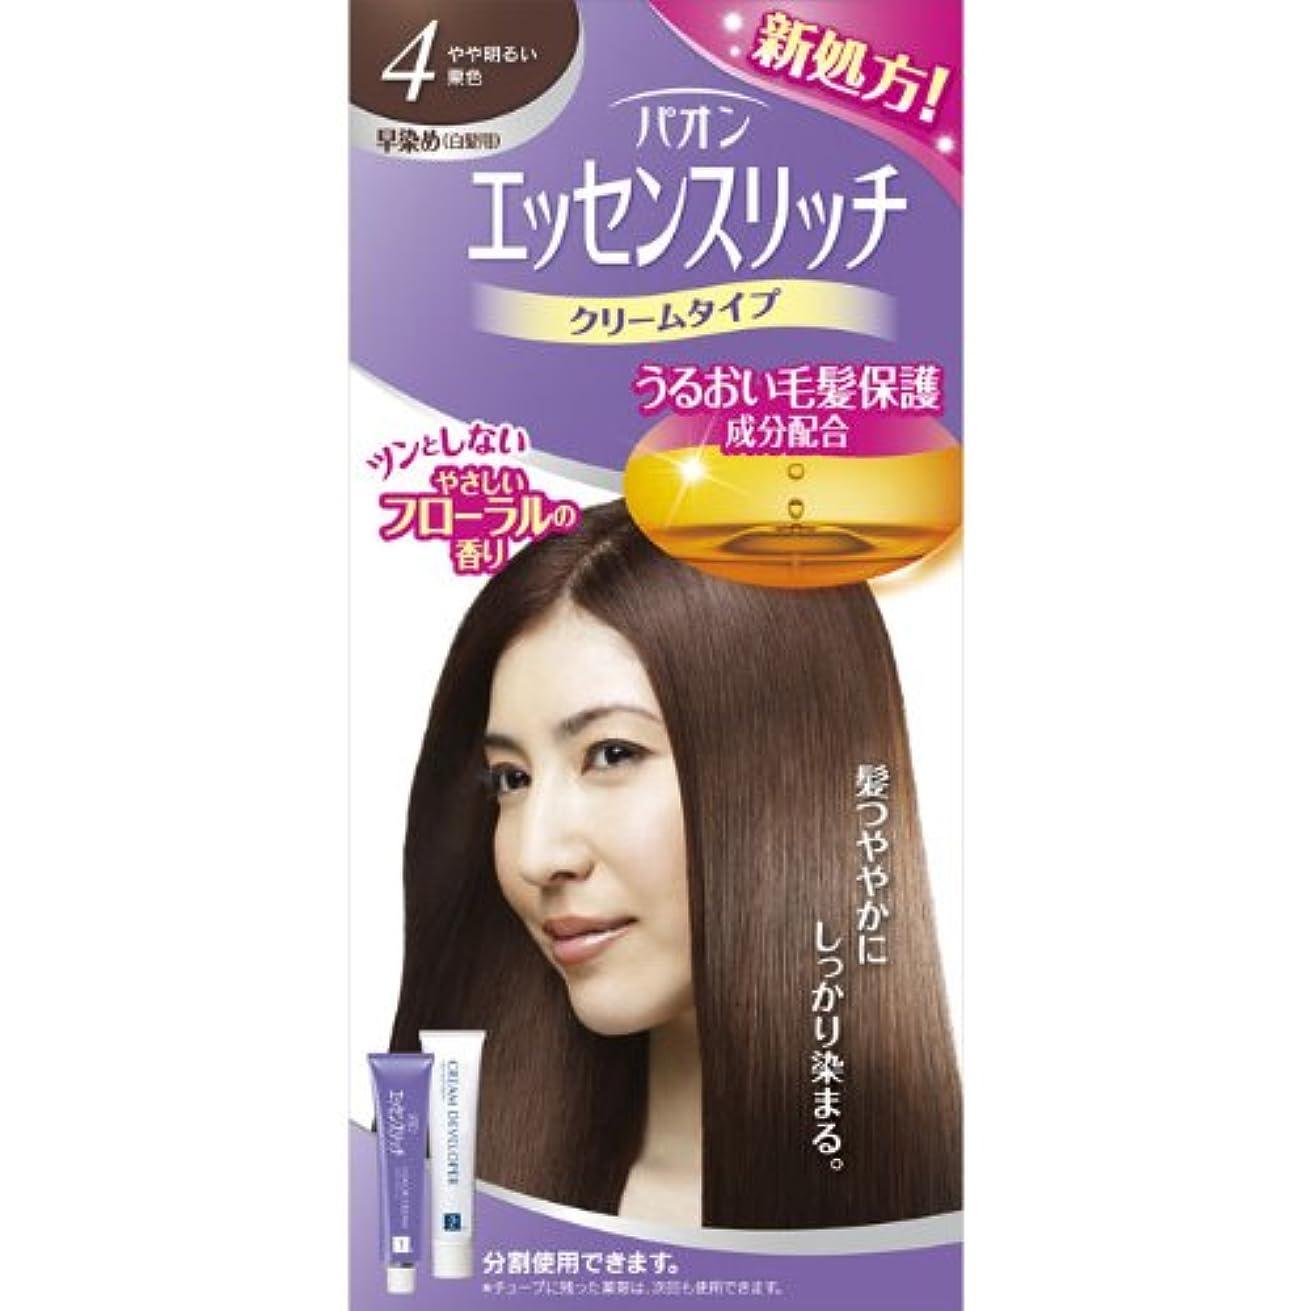 医薬品が欲しいパシフィックヘンケルライオンコスメティックス パオン エッセンスリッチ クリームタイプ 4 やや明るい栗色 40g+40g (医薬部外品)